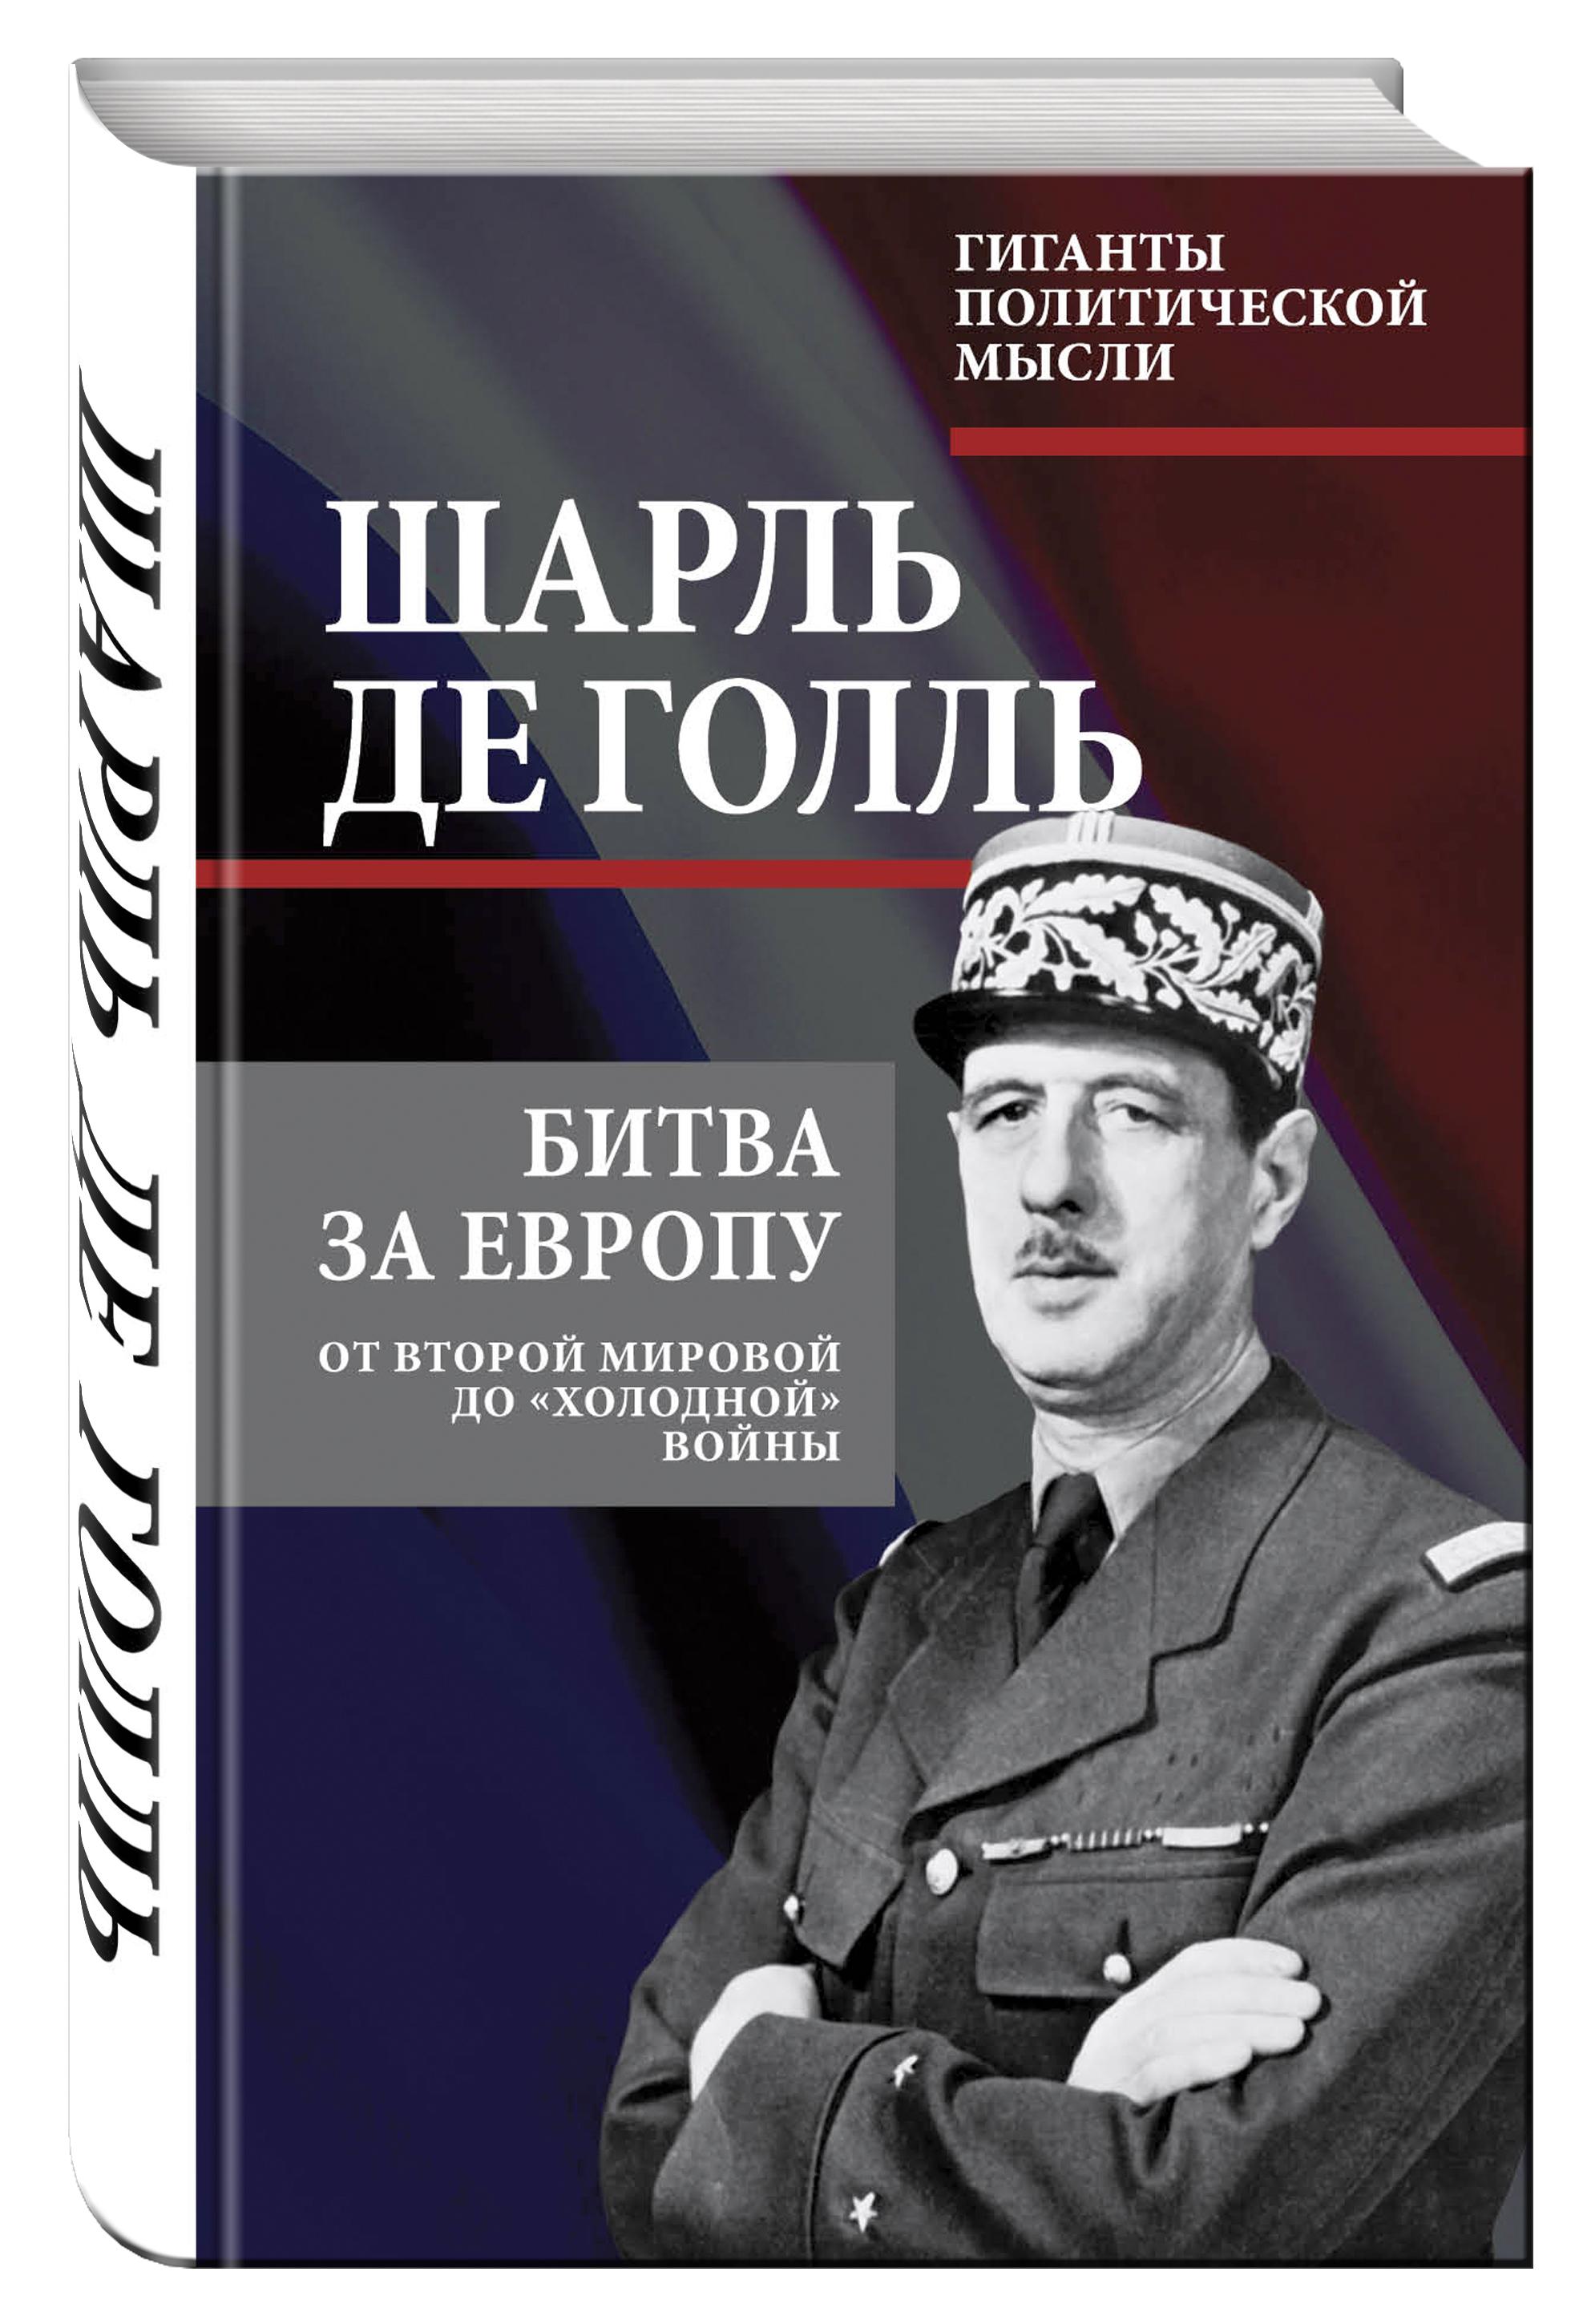 Шарль де Голль Битва за Европу. От Второй мировой до «холодной» войны